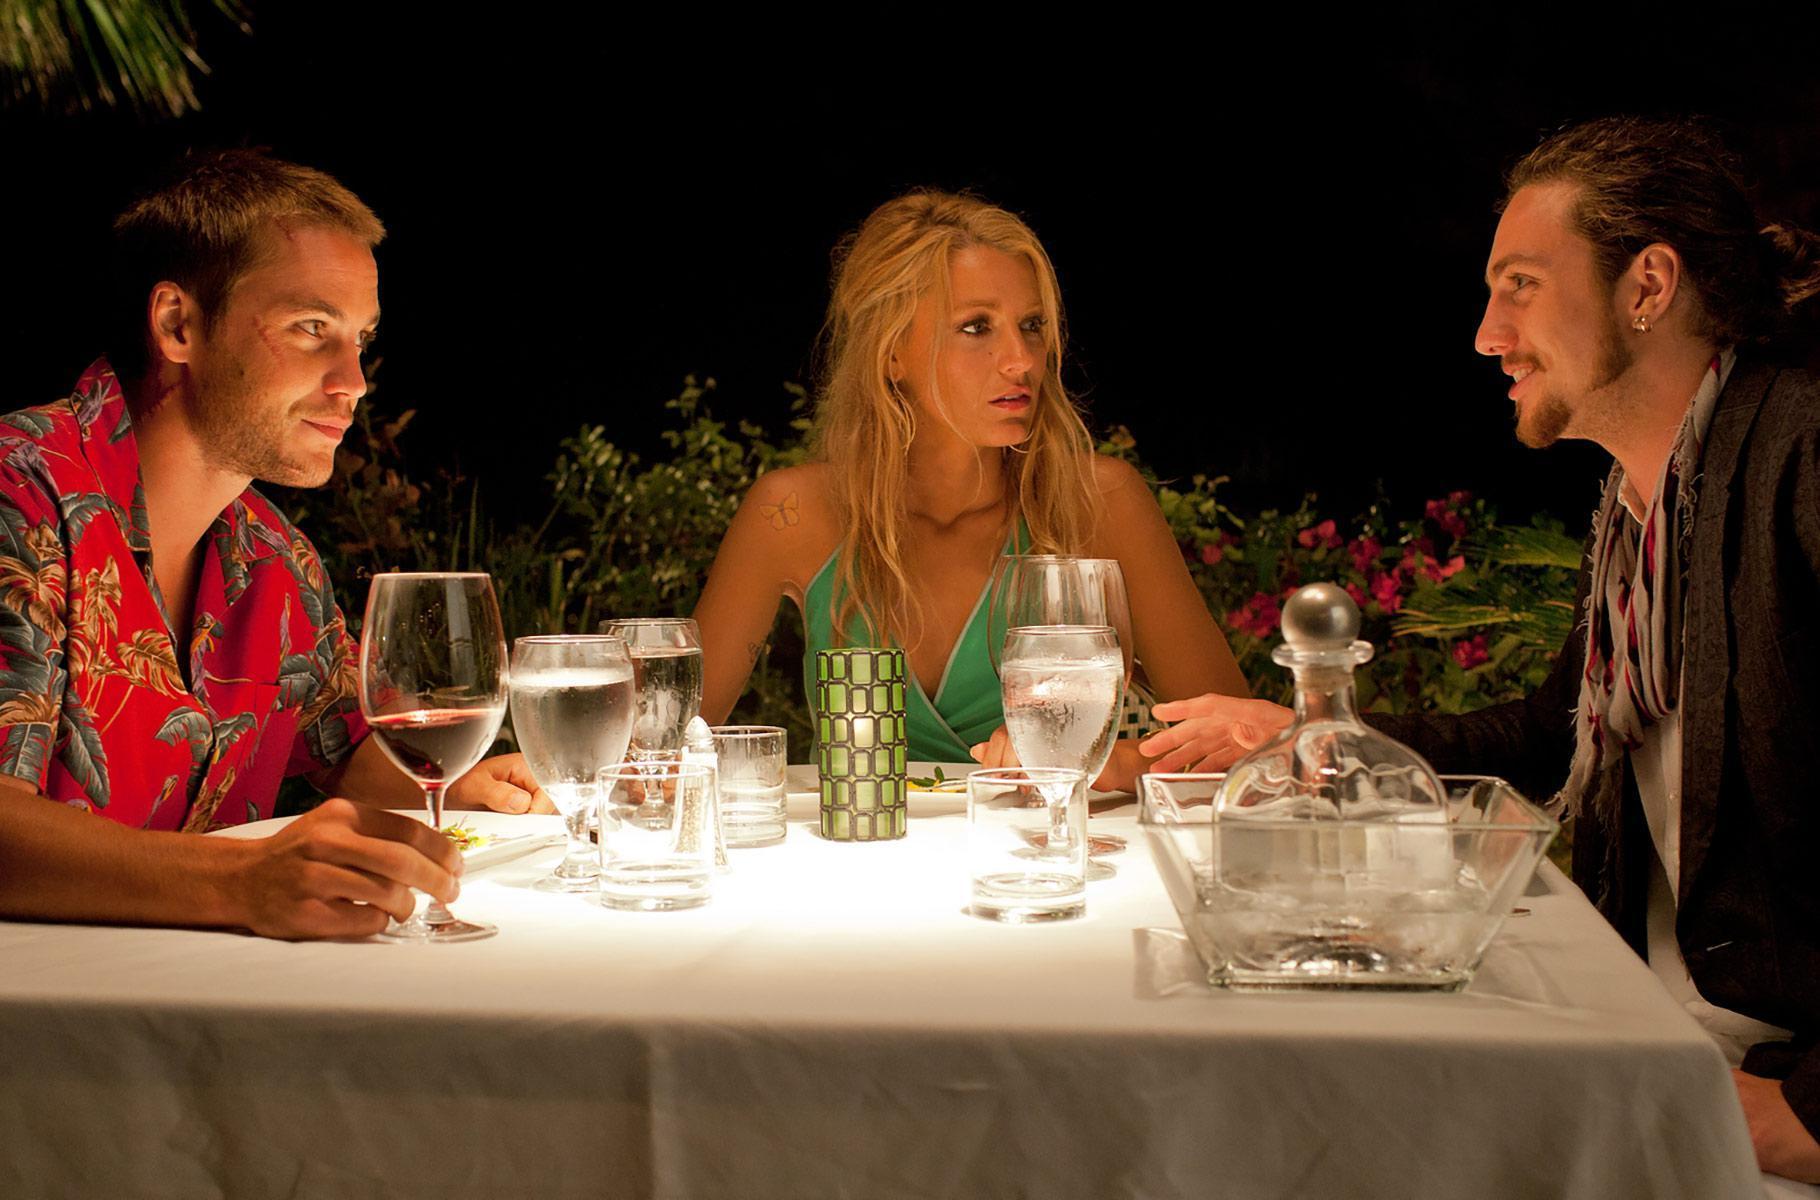 El rubio minutos dating